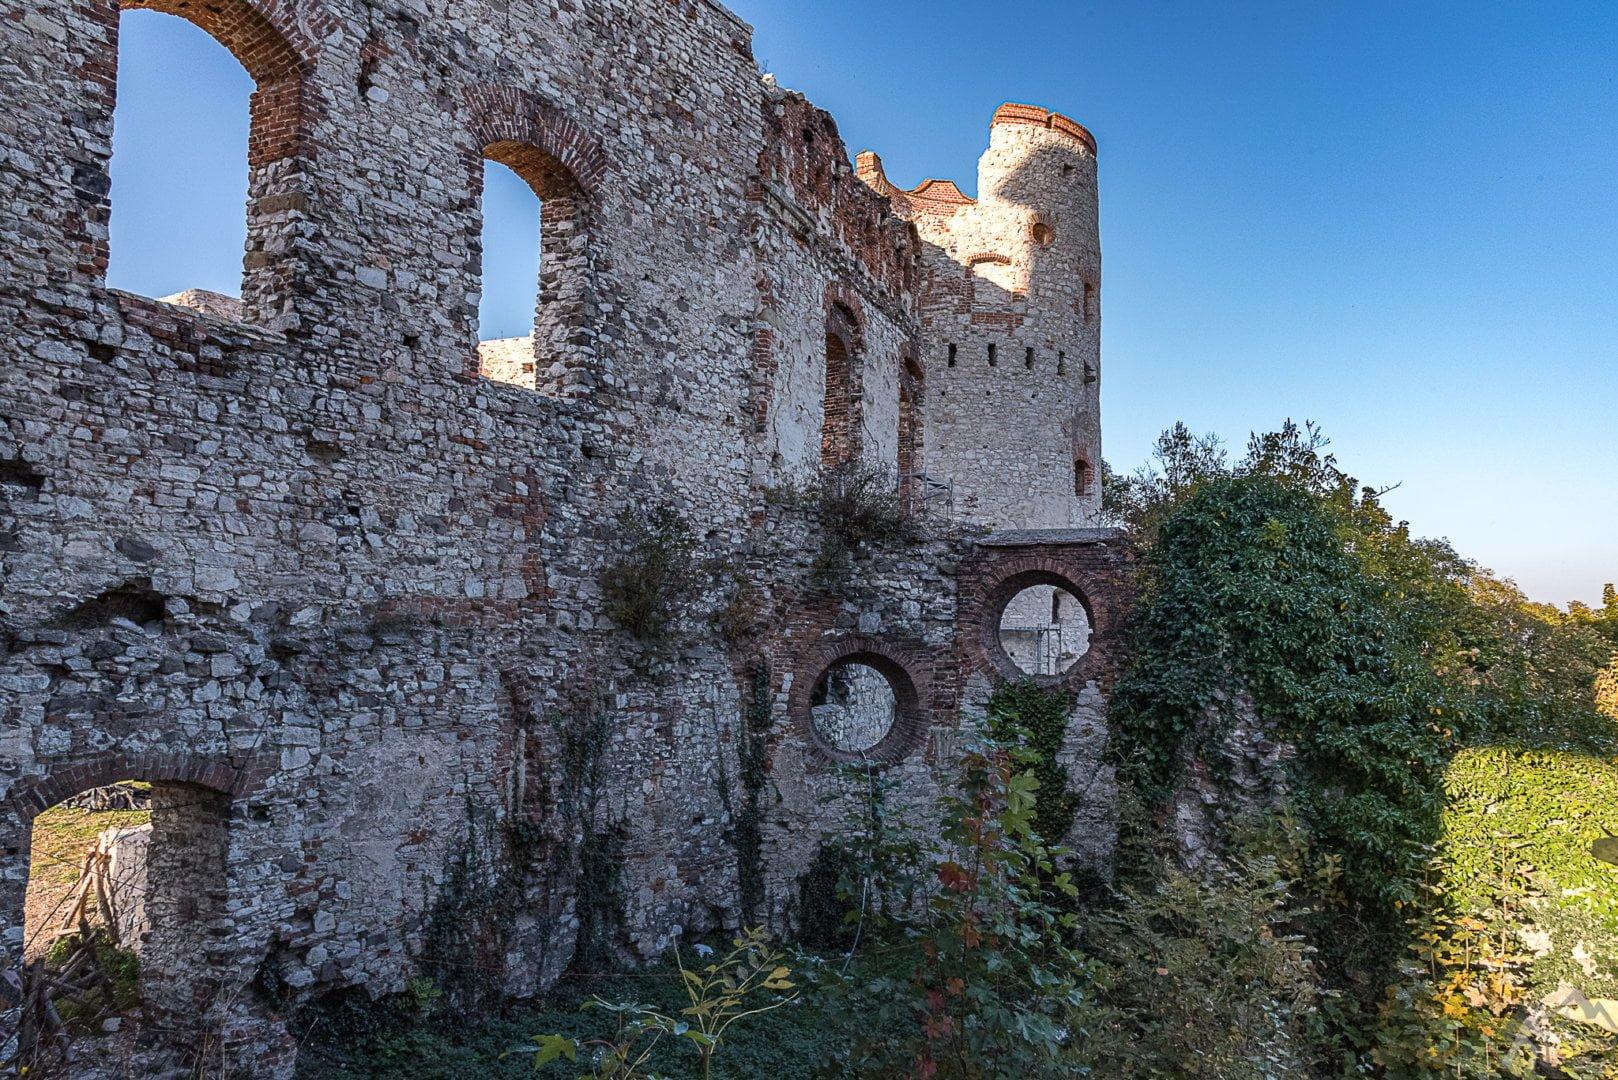 Kaplica Zamkowa i wieża z XV wieku